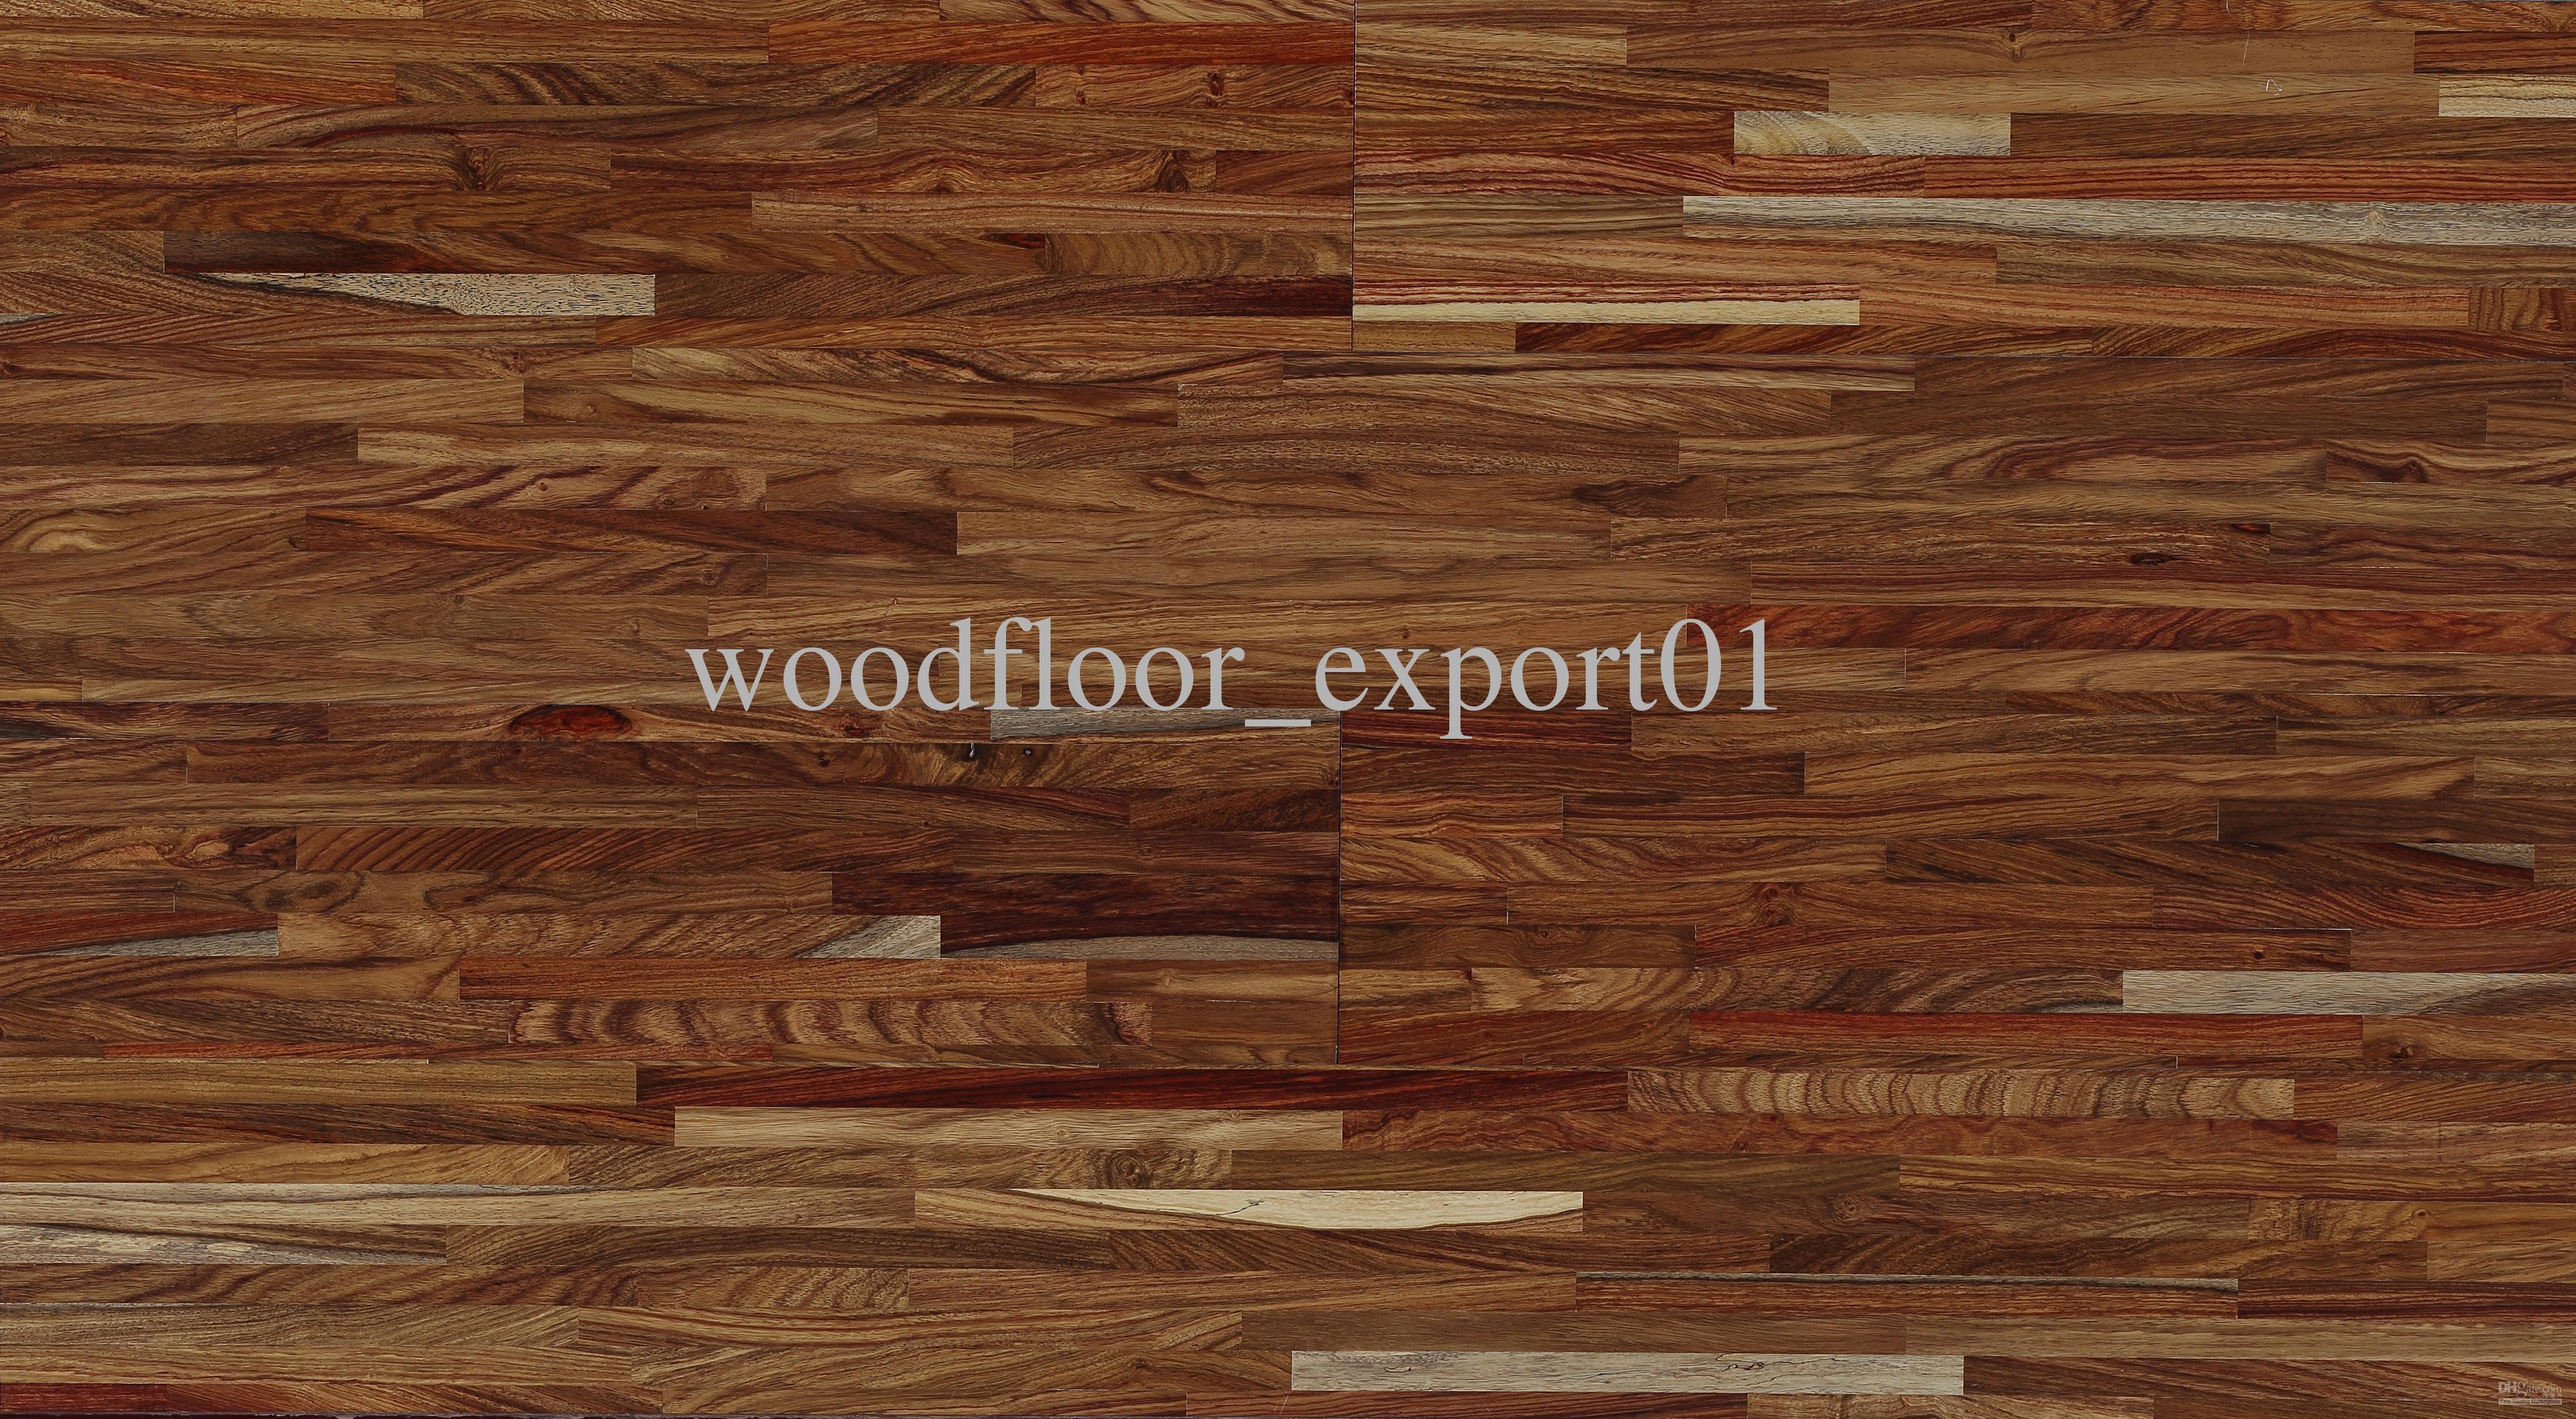 hardwood flooring retailers of buy wood flooring 50 best hardwood flooring graphics 50 s floor pertaining to buy hardwood flooring related post